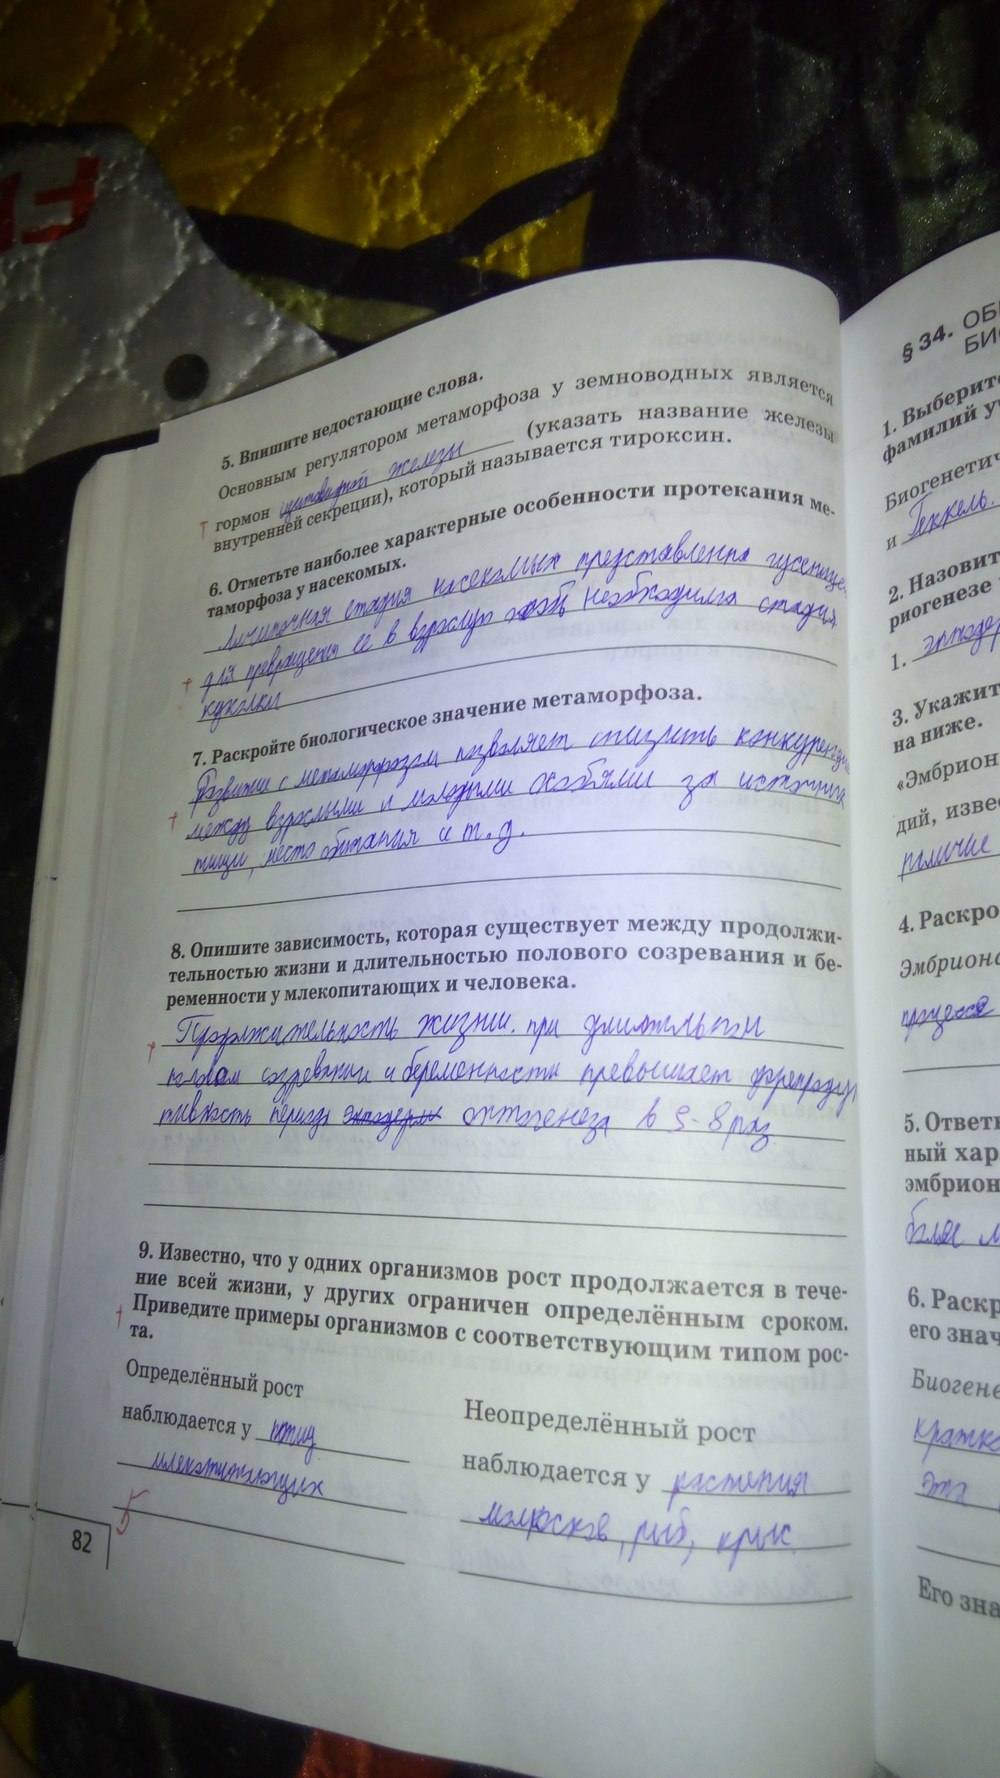 Гдз Биология 9 Класс Рабочая Тетрадь Мамонтов, Захарова, Сонина